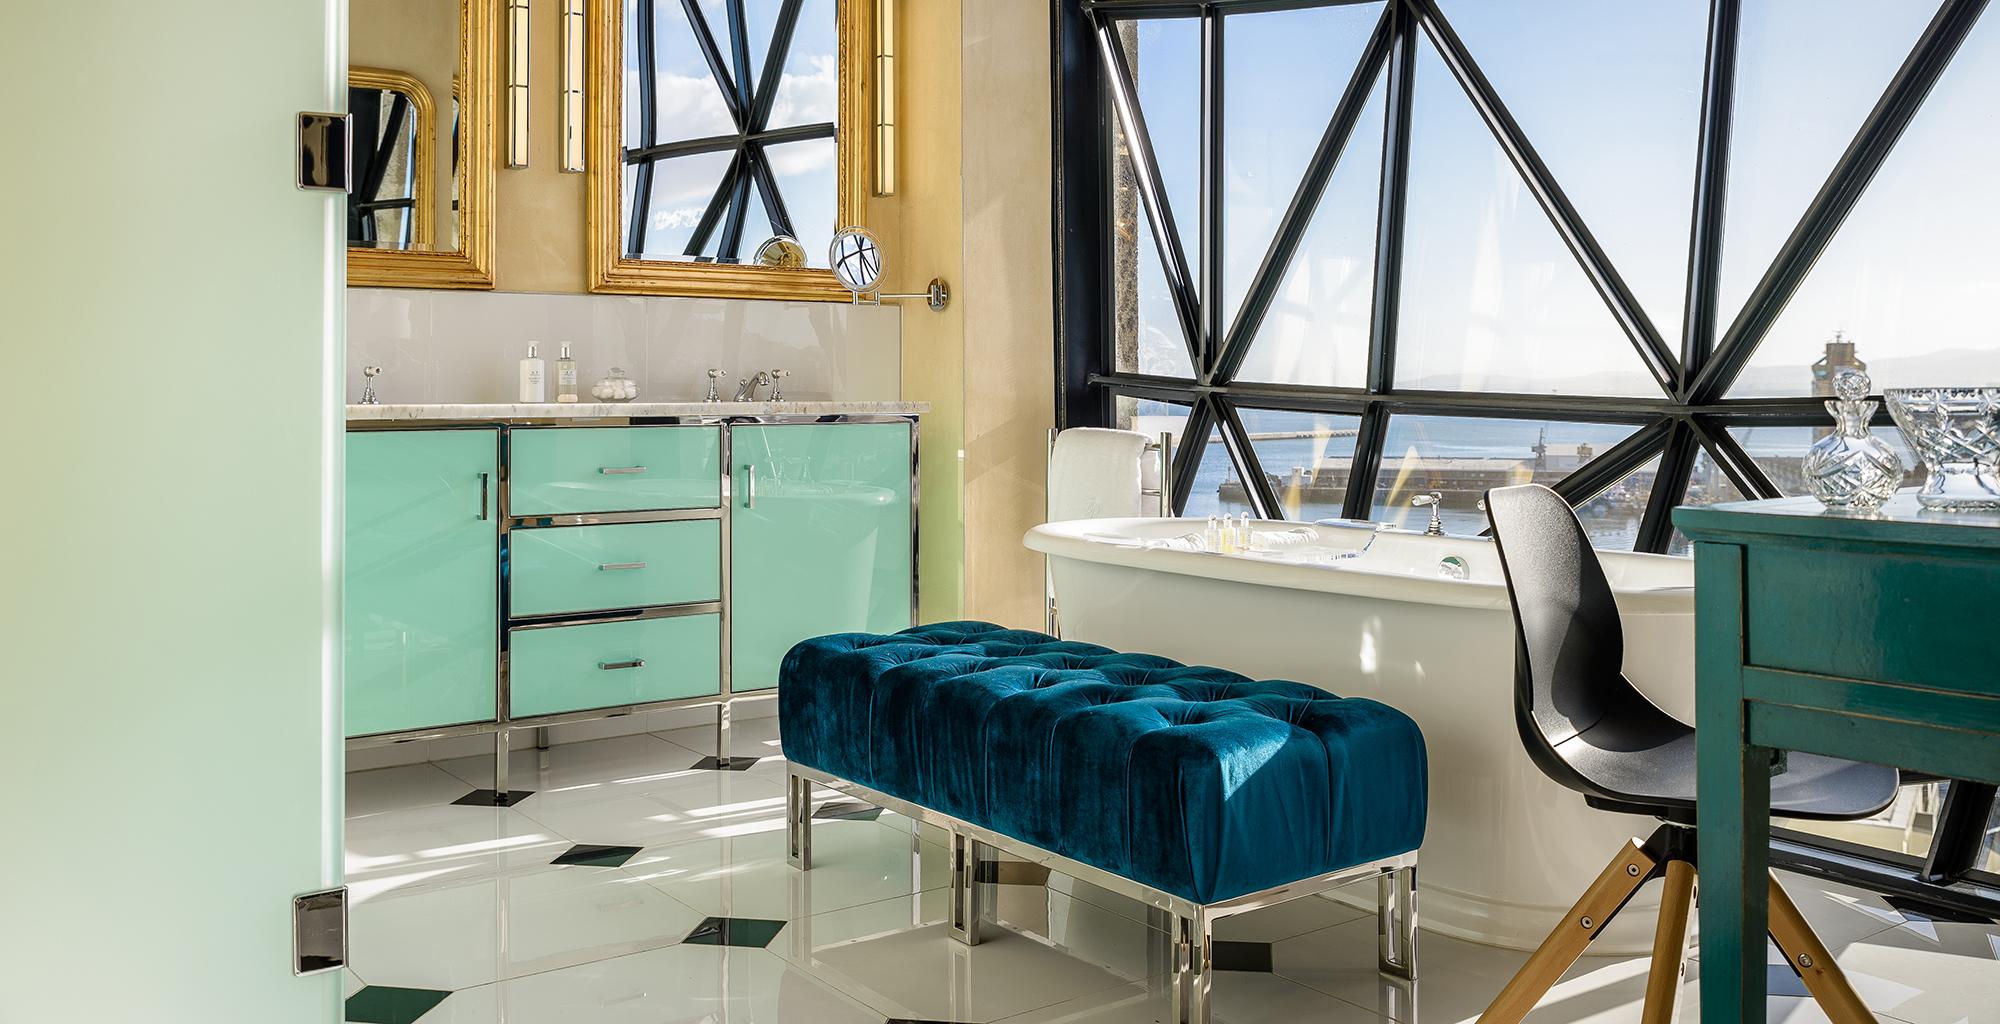 South-Africa-The-Silo-Bathroom